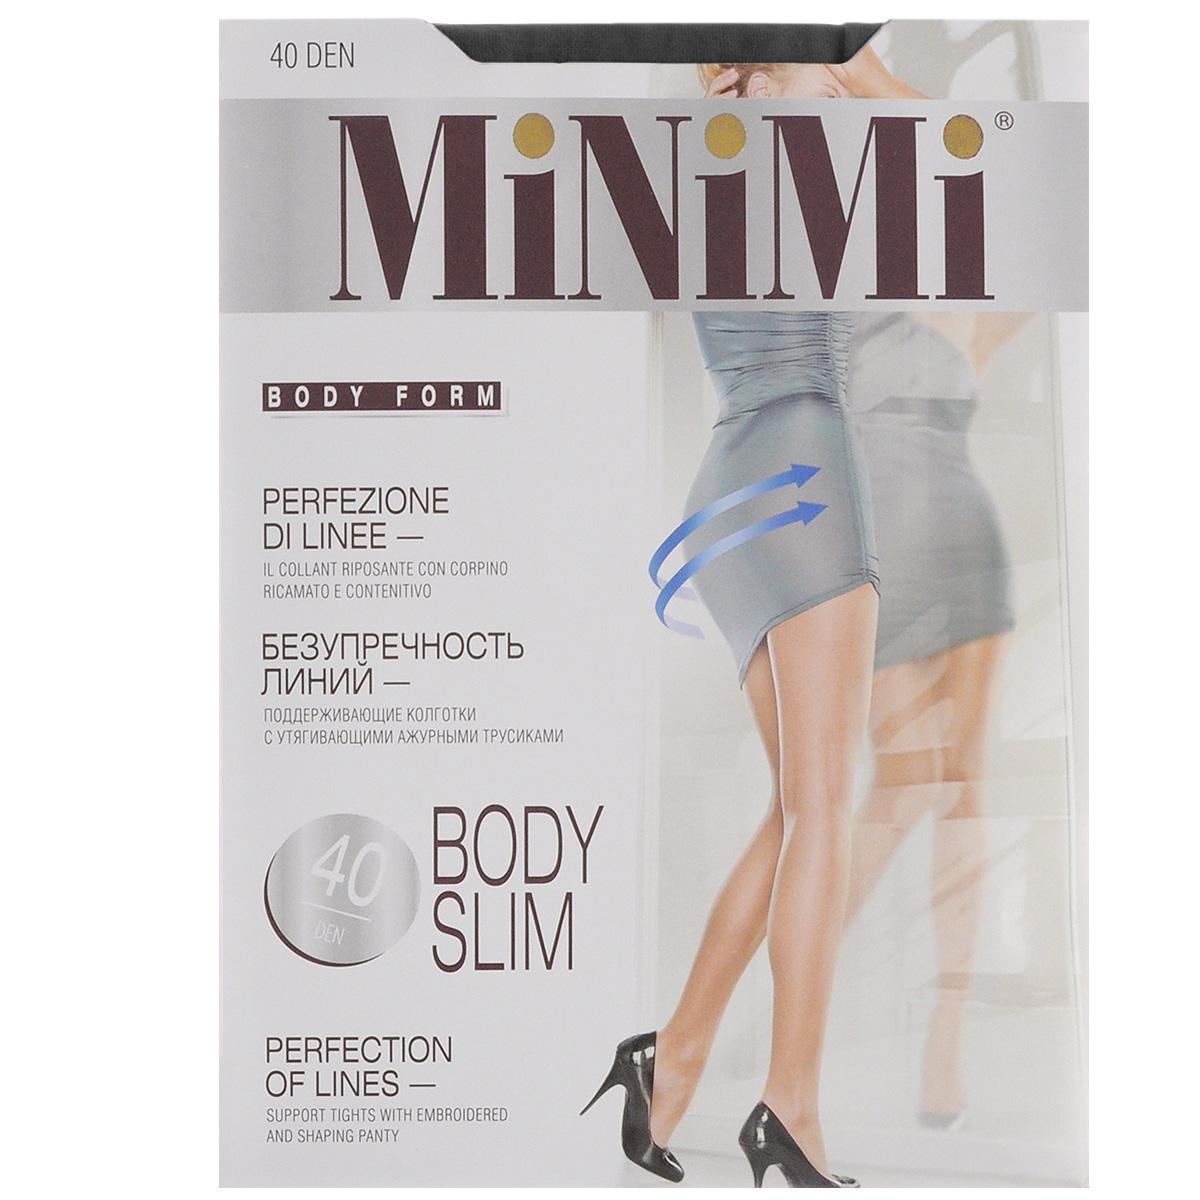 Колготки женские Minimi Body Slim 40, цвет: Nero (черный). Размер 4 (L)BODY SLIM 40Эластичные поддерживающие колготки Minimi Body Slim с комфортными плоскими швами, гигиеничной ластовицей и укрепленным мыском. Изюминка модели - плотные утягивающие трусики (70 den) с ажурным оформлением, которые моделируют фигуру в области живота, бедер и ягодиц. Плотность колготок: 40 den.